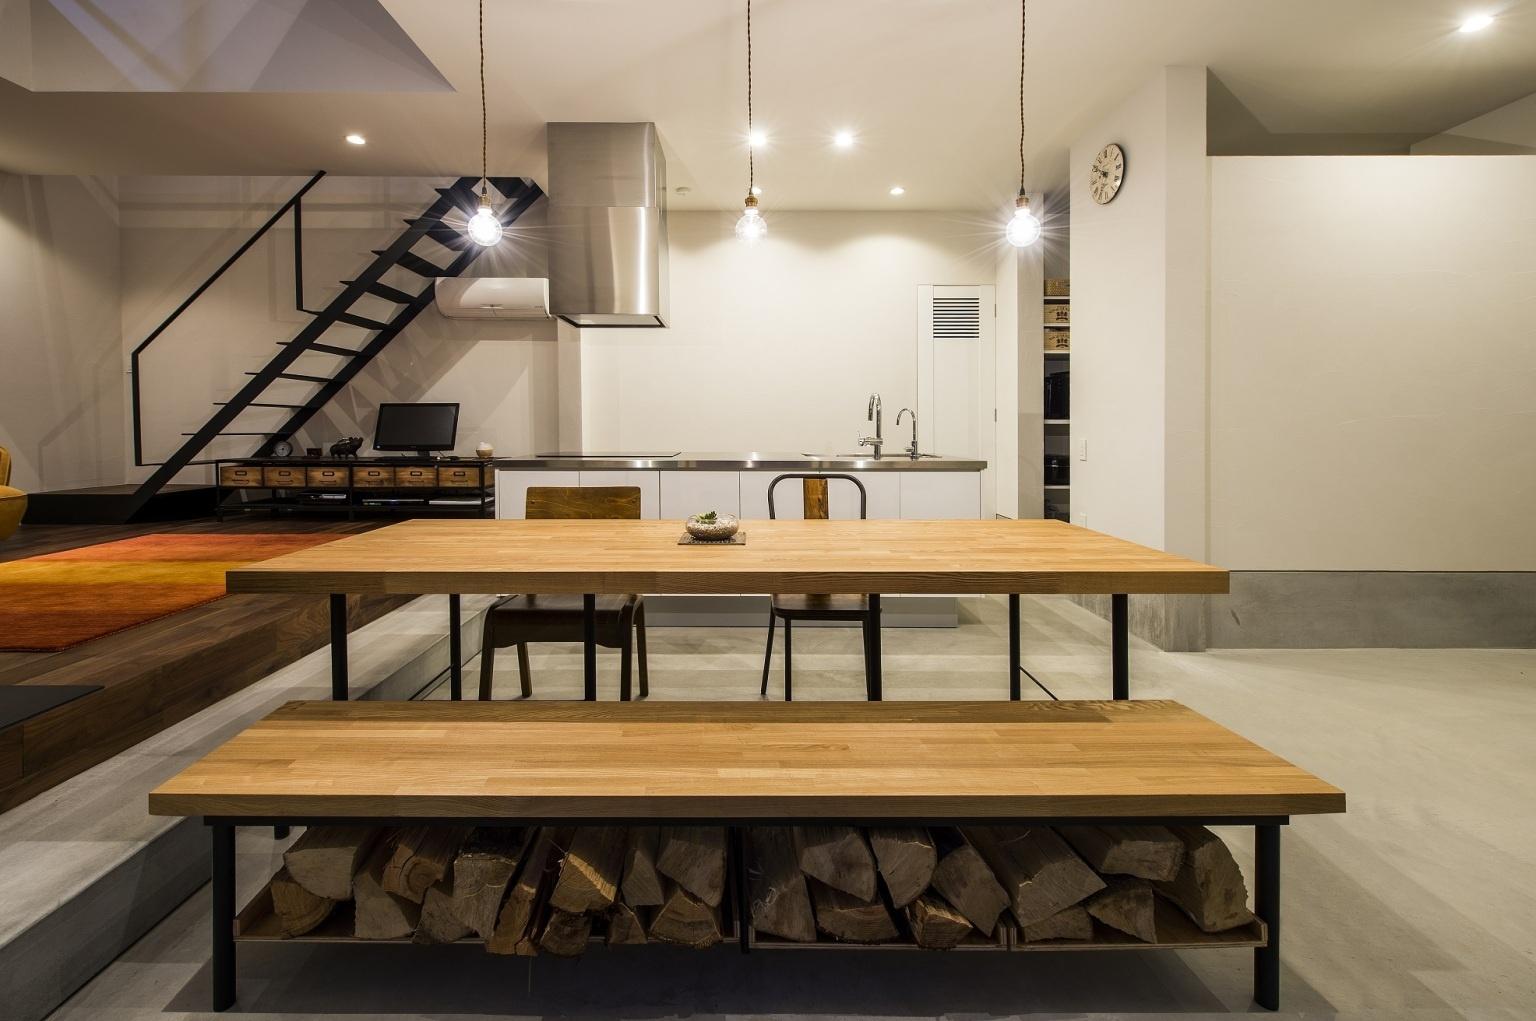 土間空間のキッチンダイニング